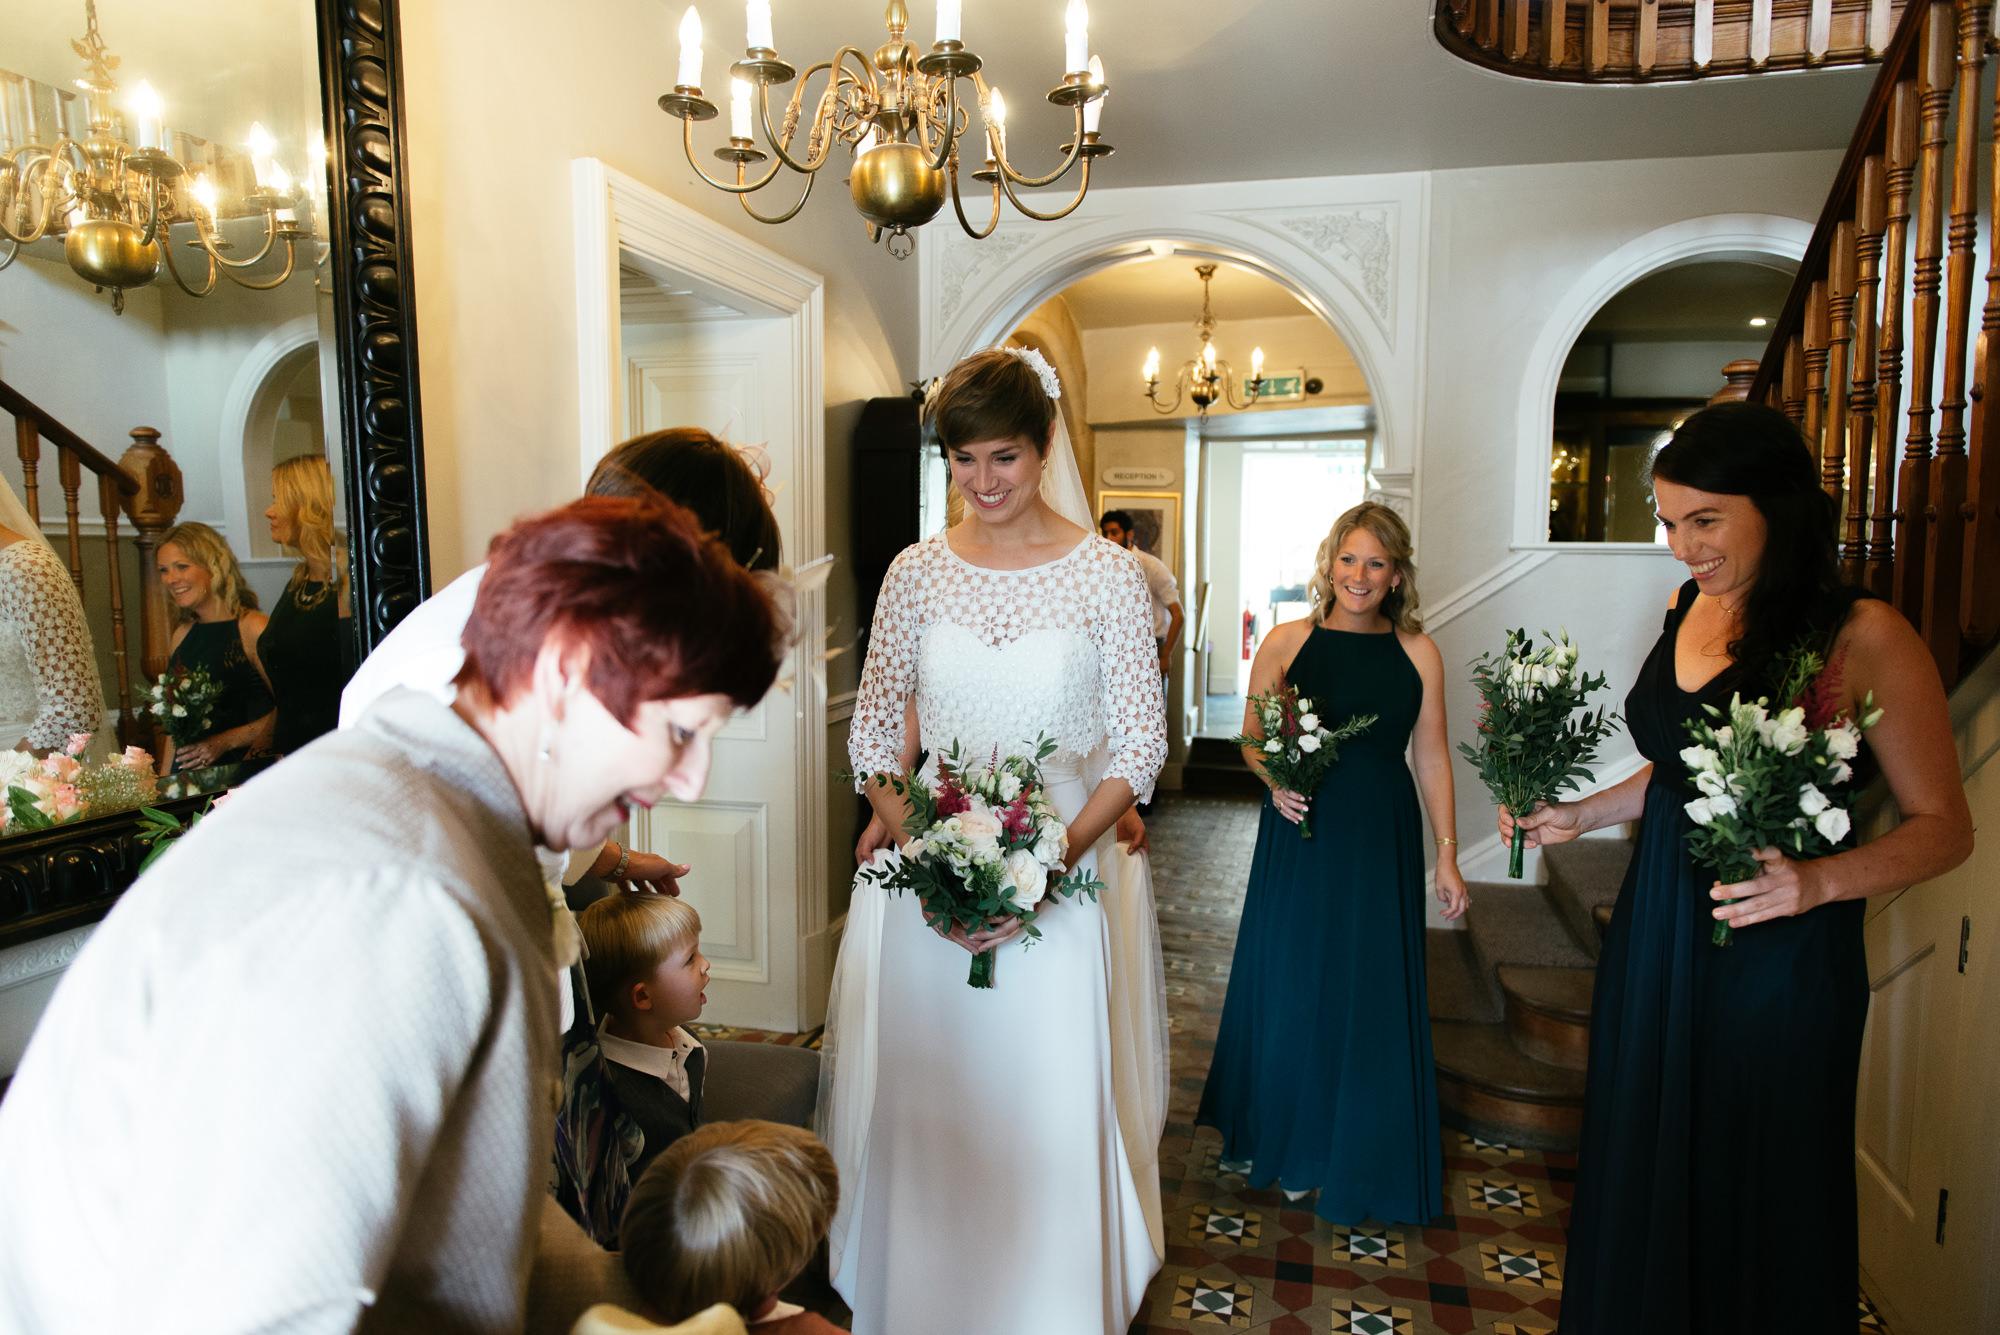 malmsbury-abbey-wedding-26